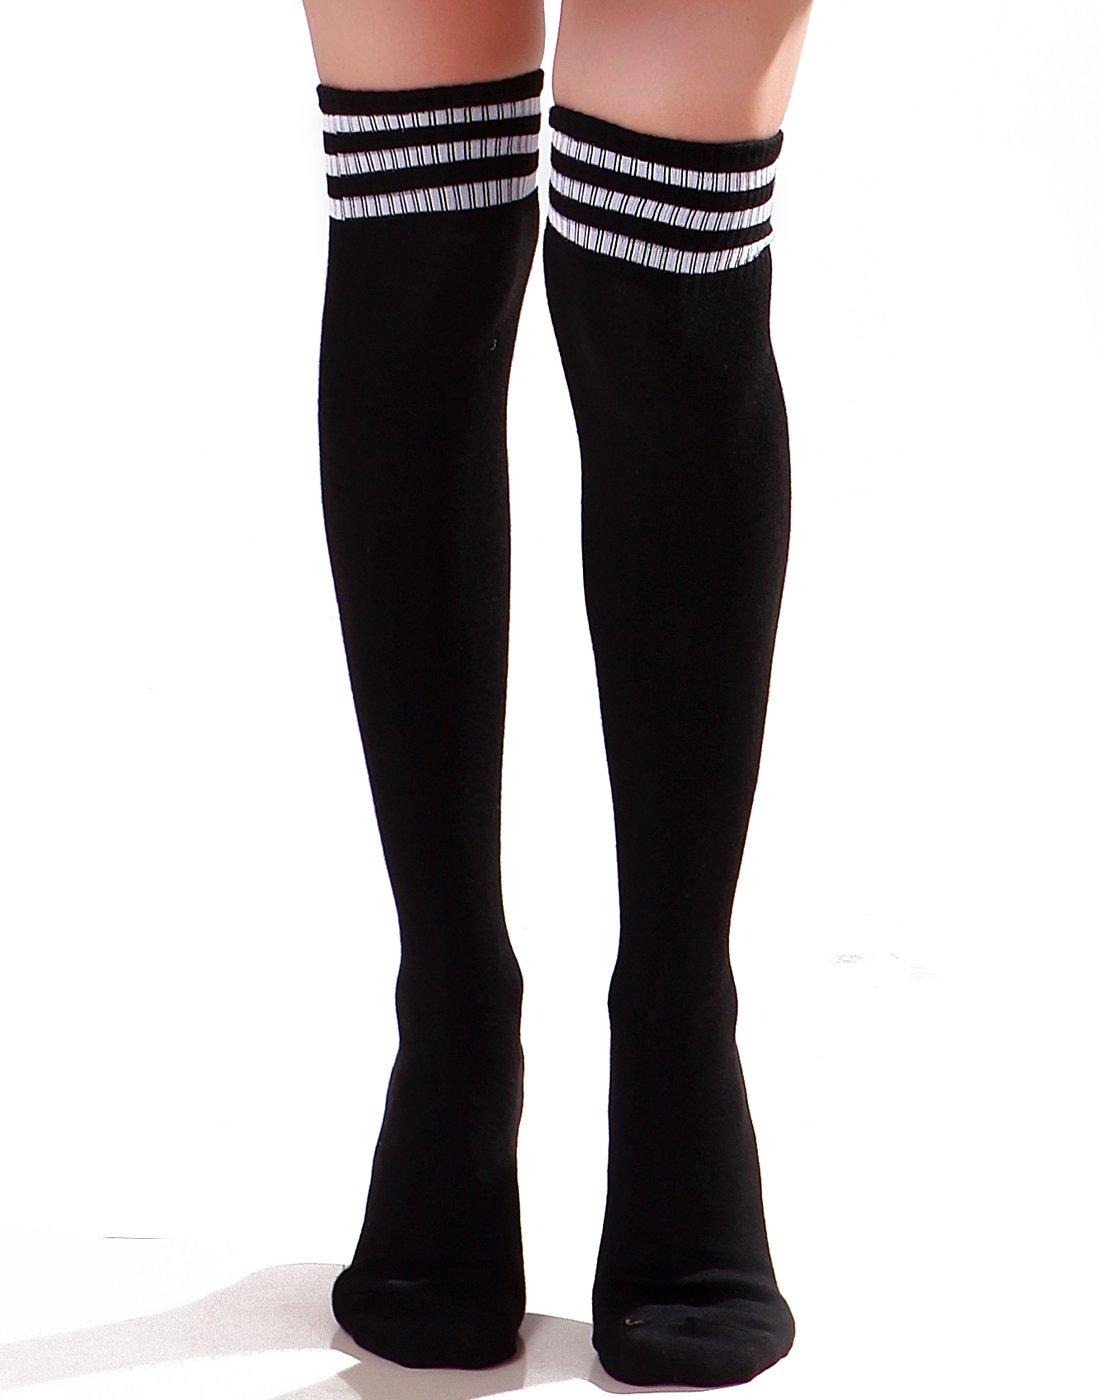 HDE Women Three Stripe Over Knee High Socks Extra Long Athletic Sport Tube Socks